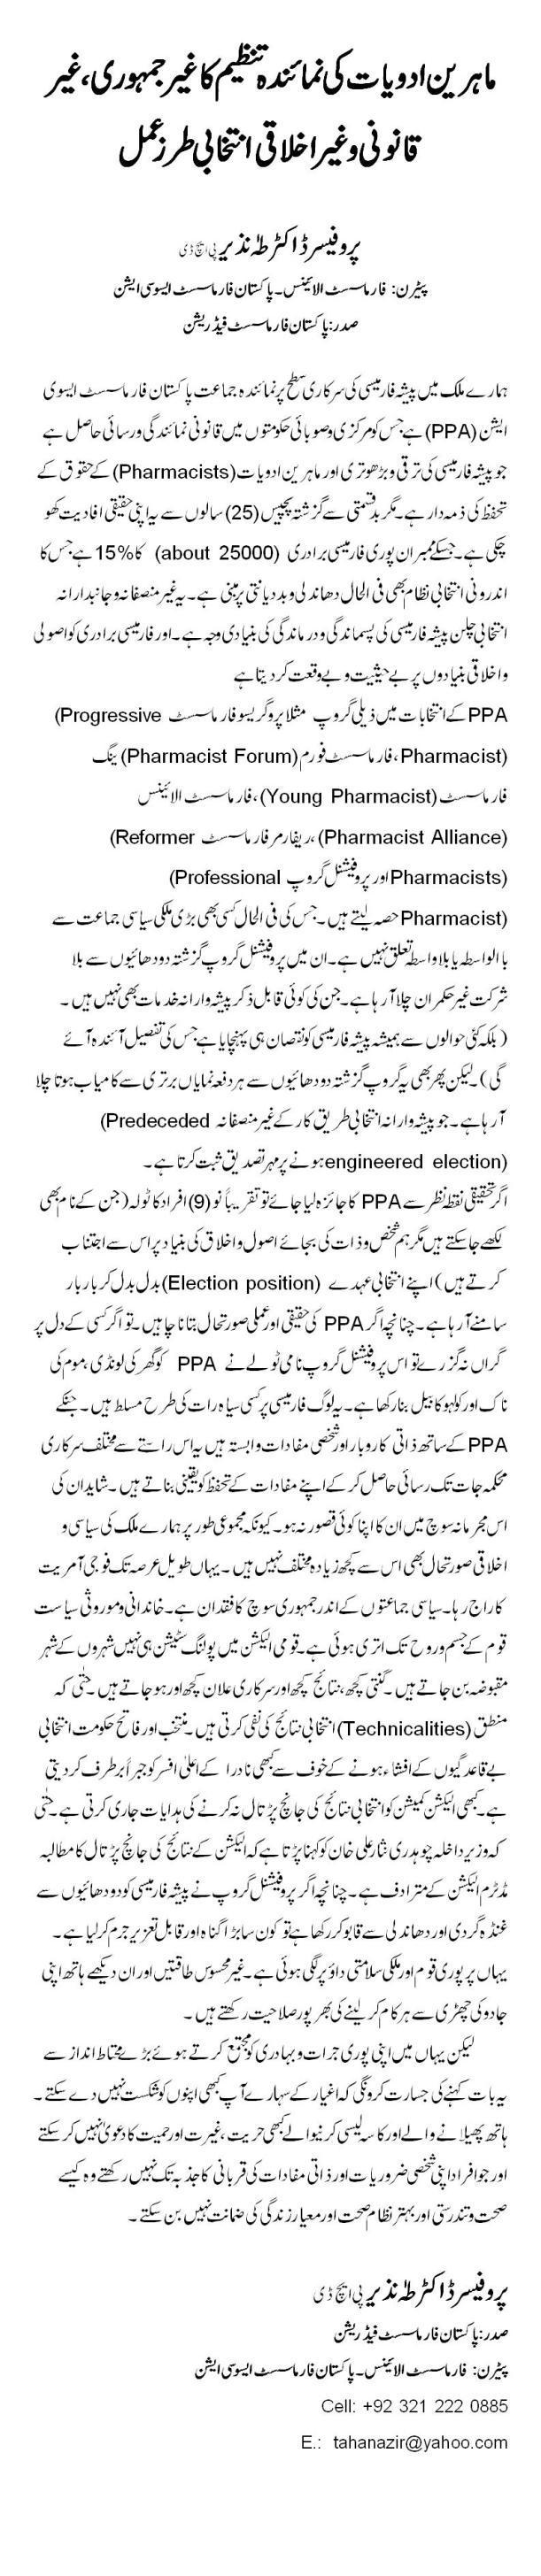 Substandard electoral procedure